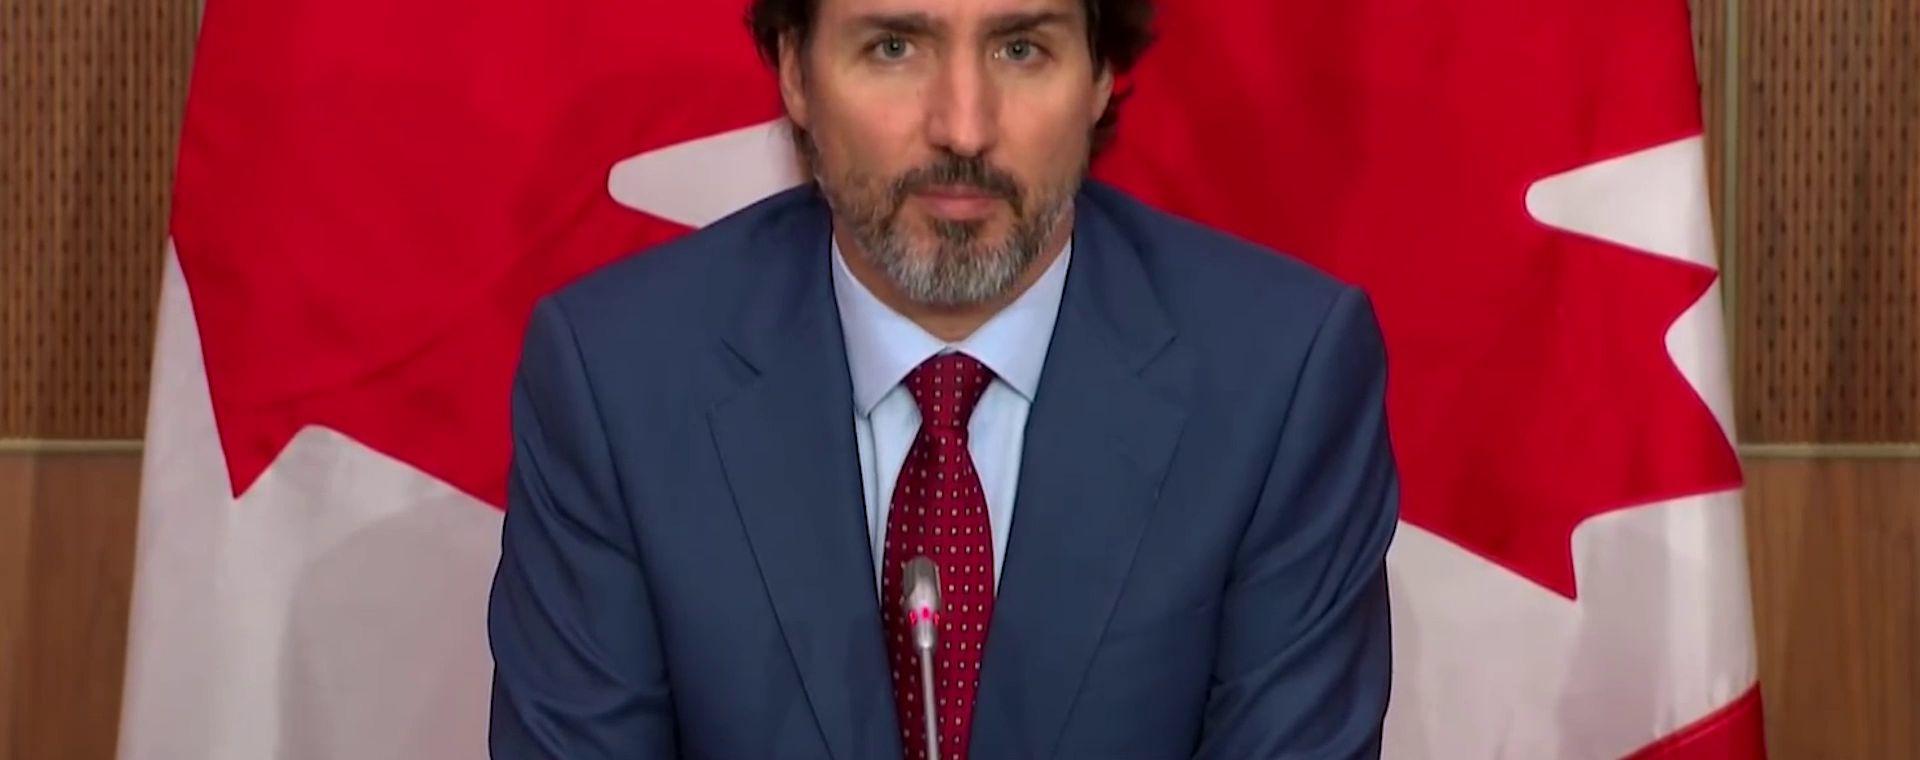 Canada vs China